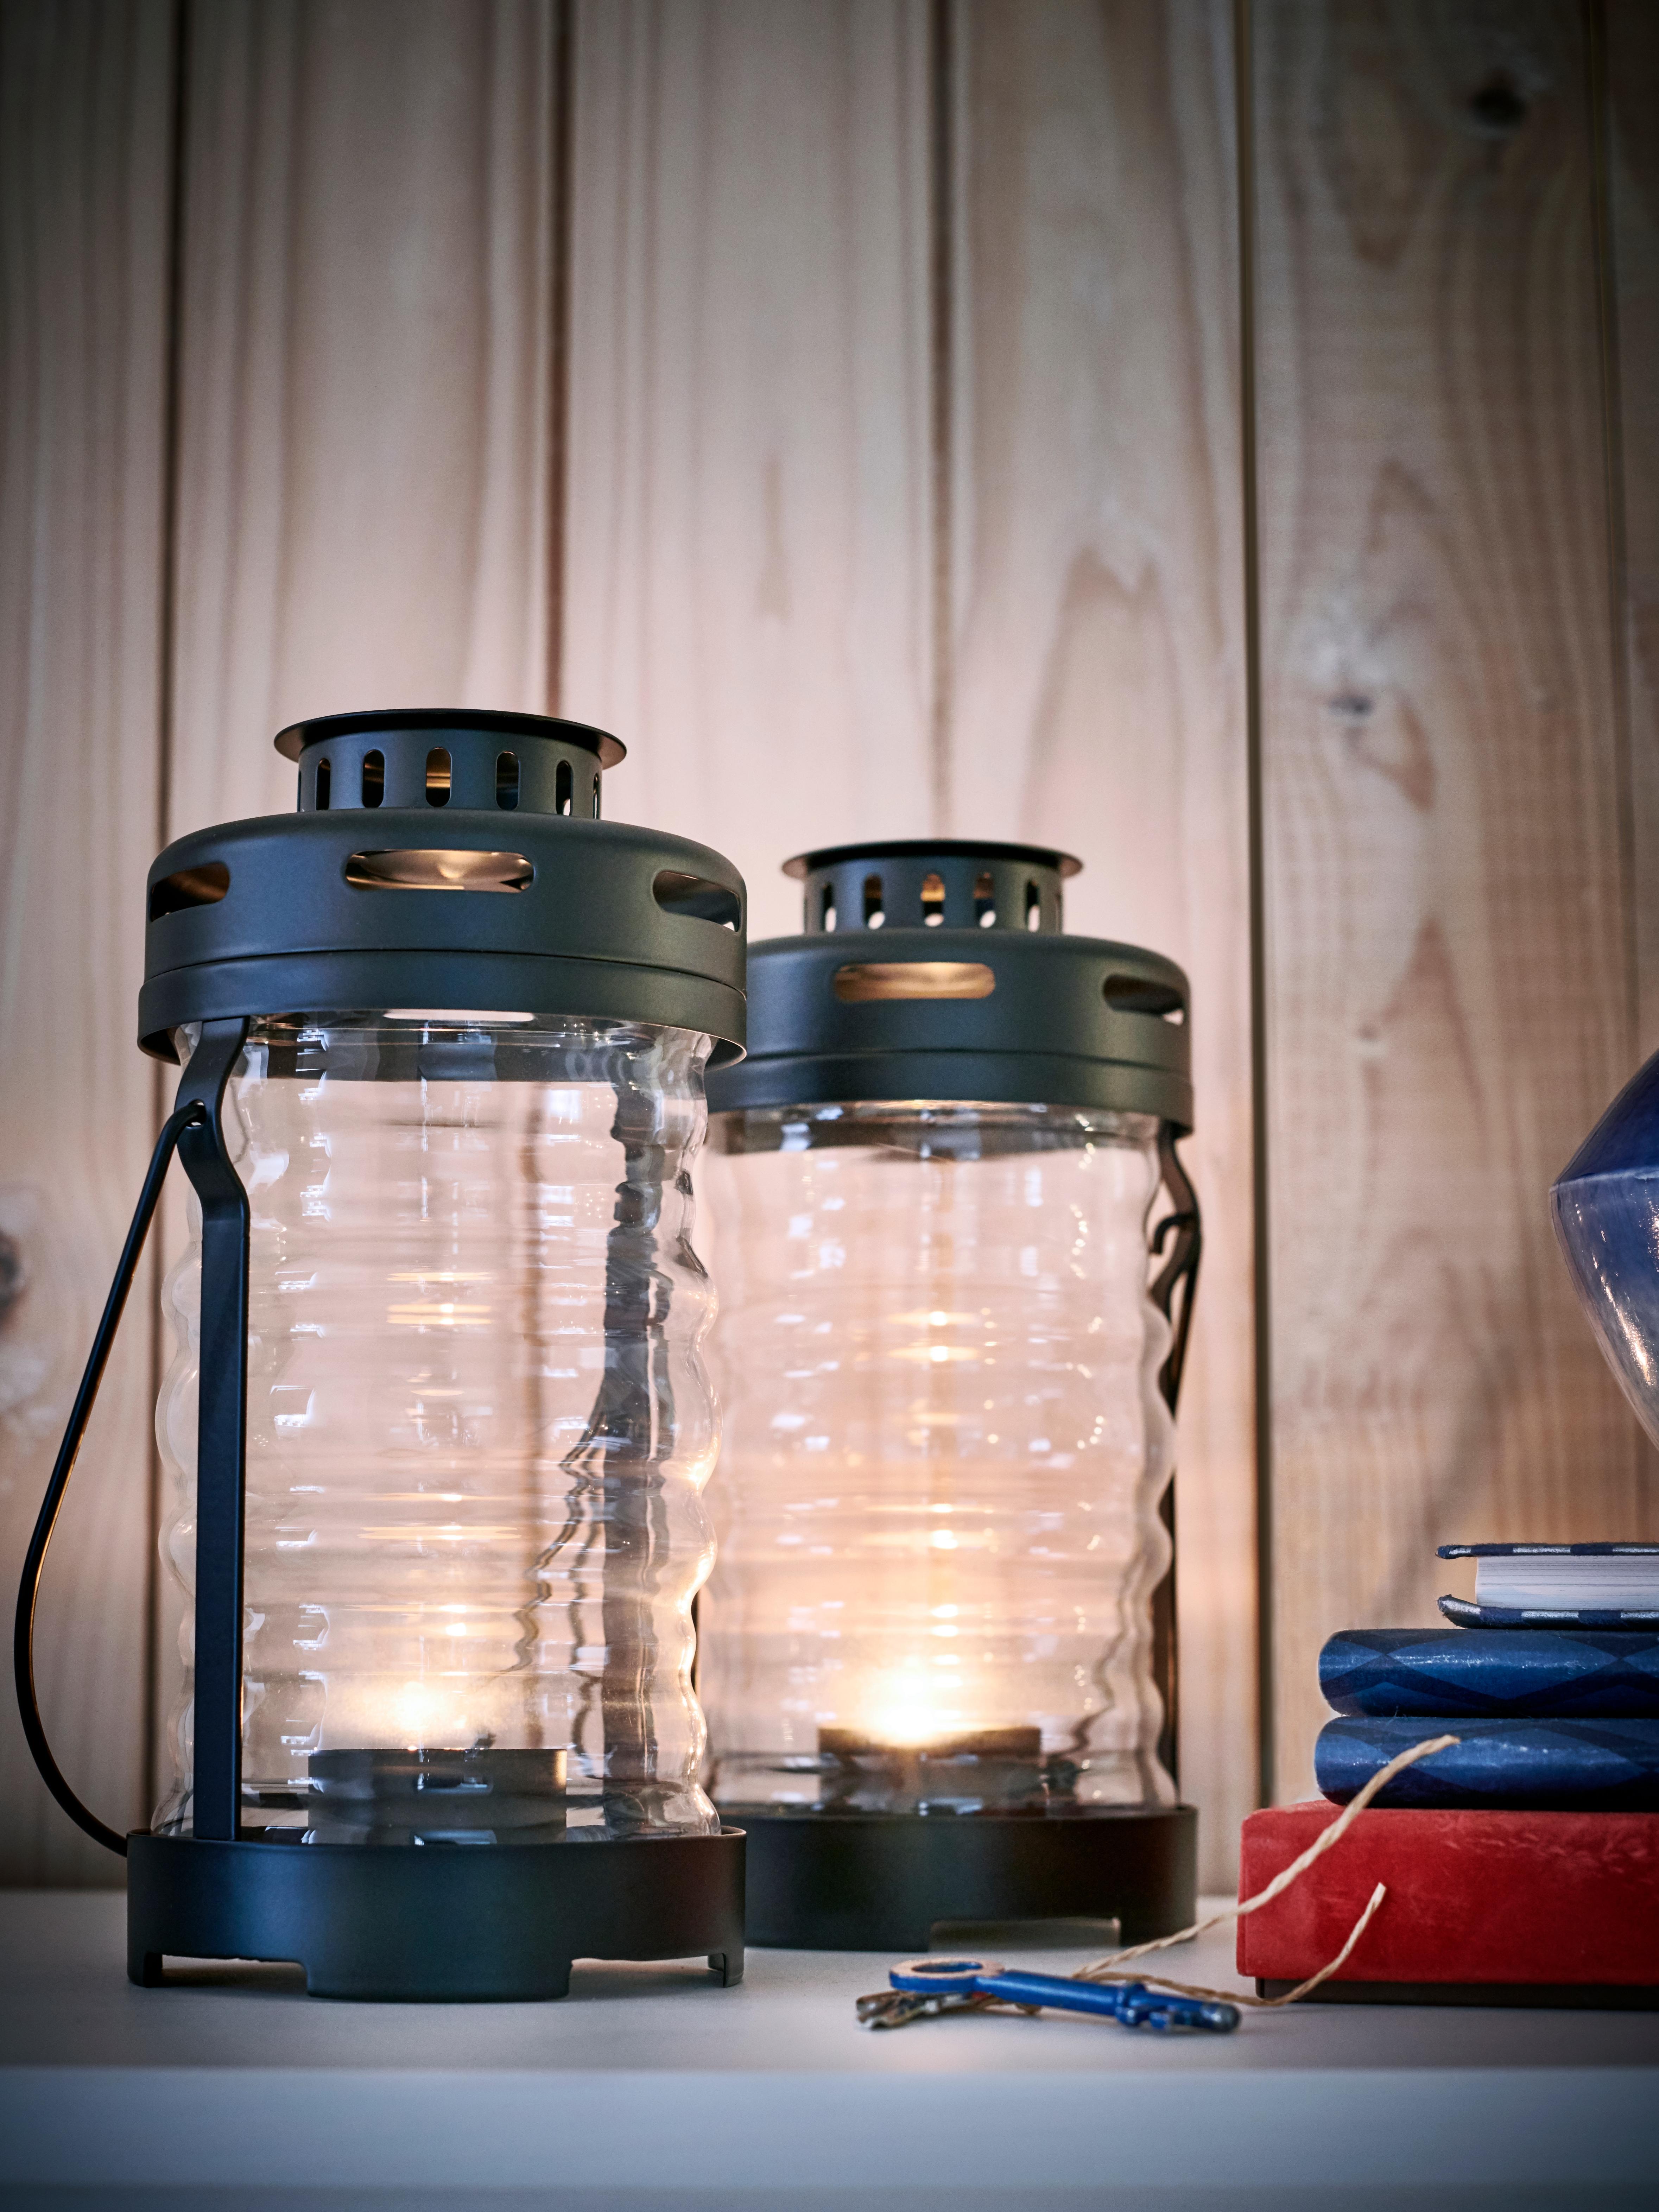 Dva GLIMRANDE fenjera na polici; svaki je s upaljenim lučicama.